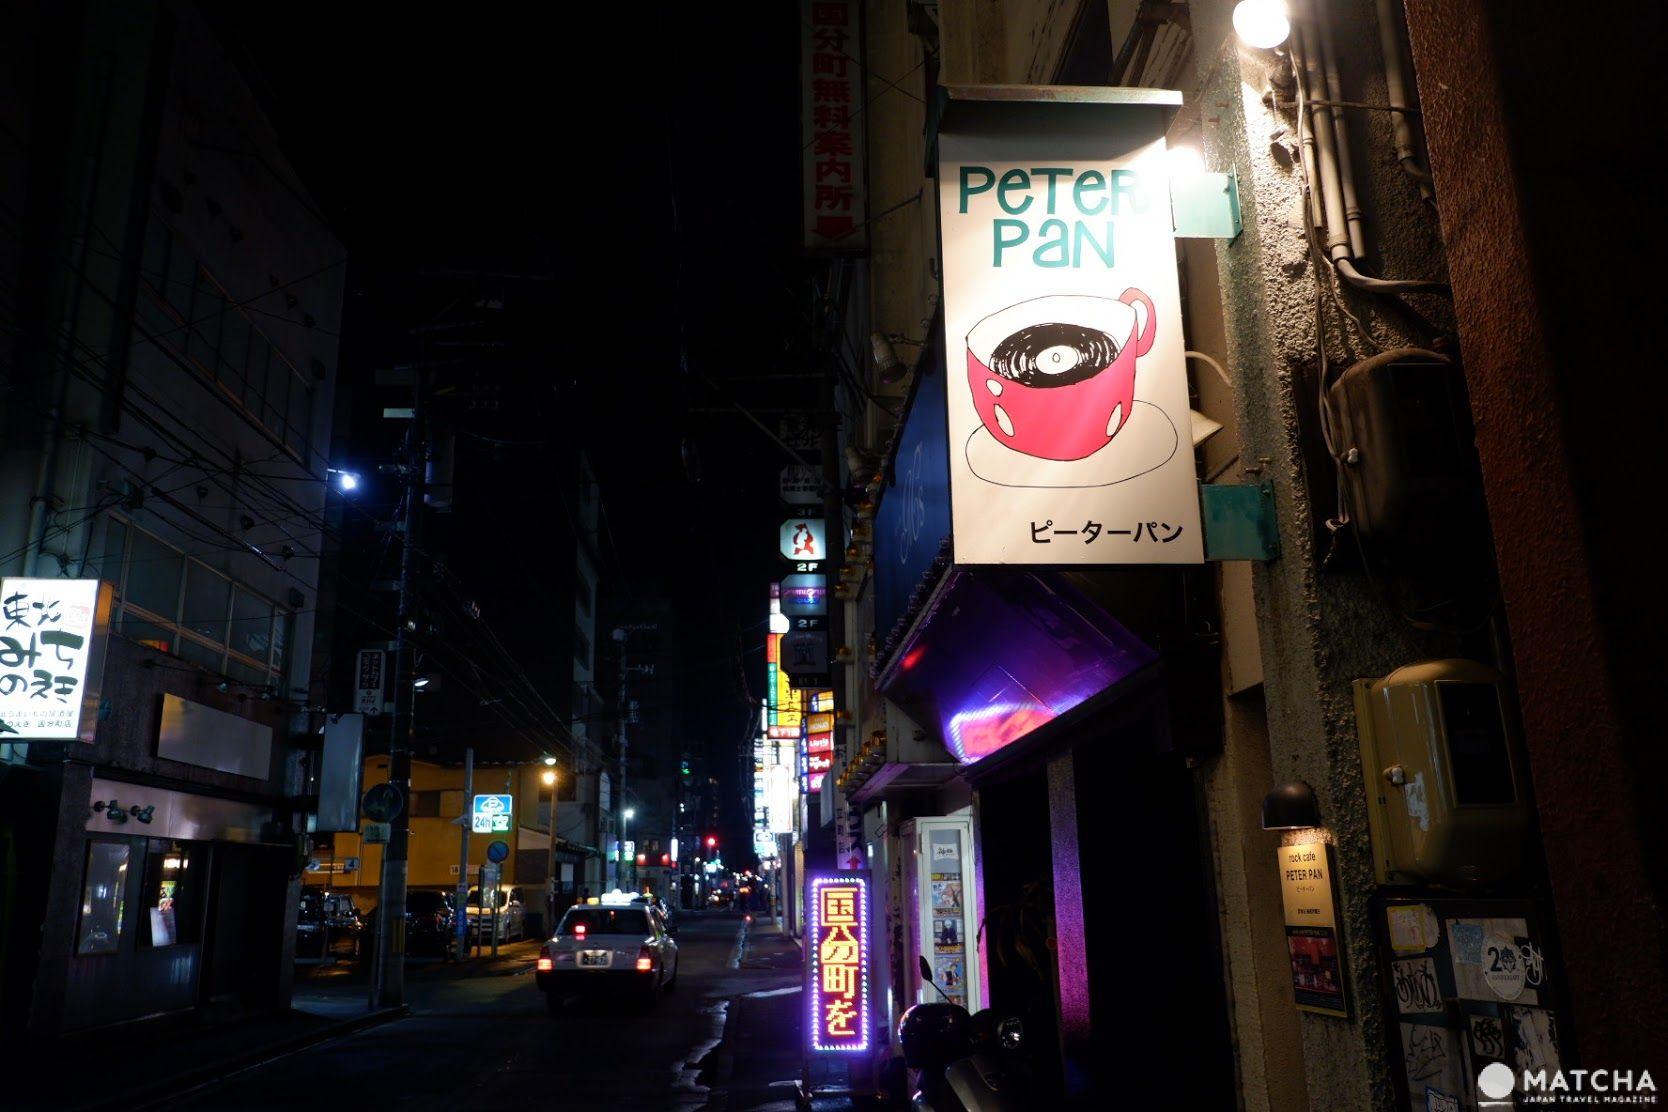 【仙台】夜晚不知去哪裡?令人陶醉的仙台夜晚,最棒的黑膠音樂bar